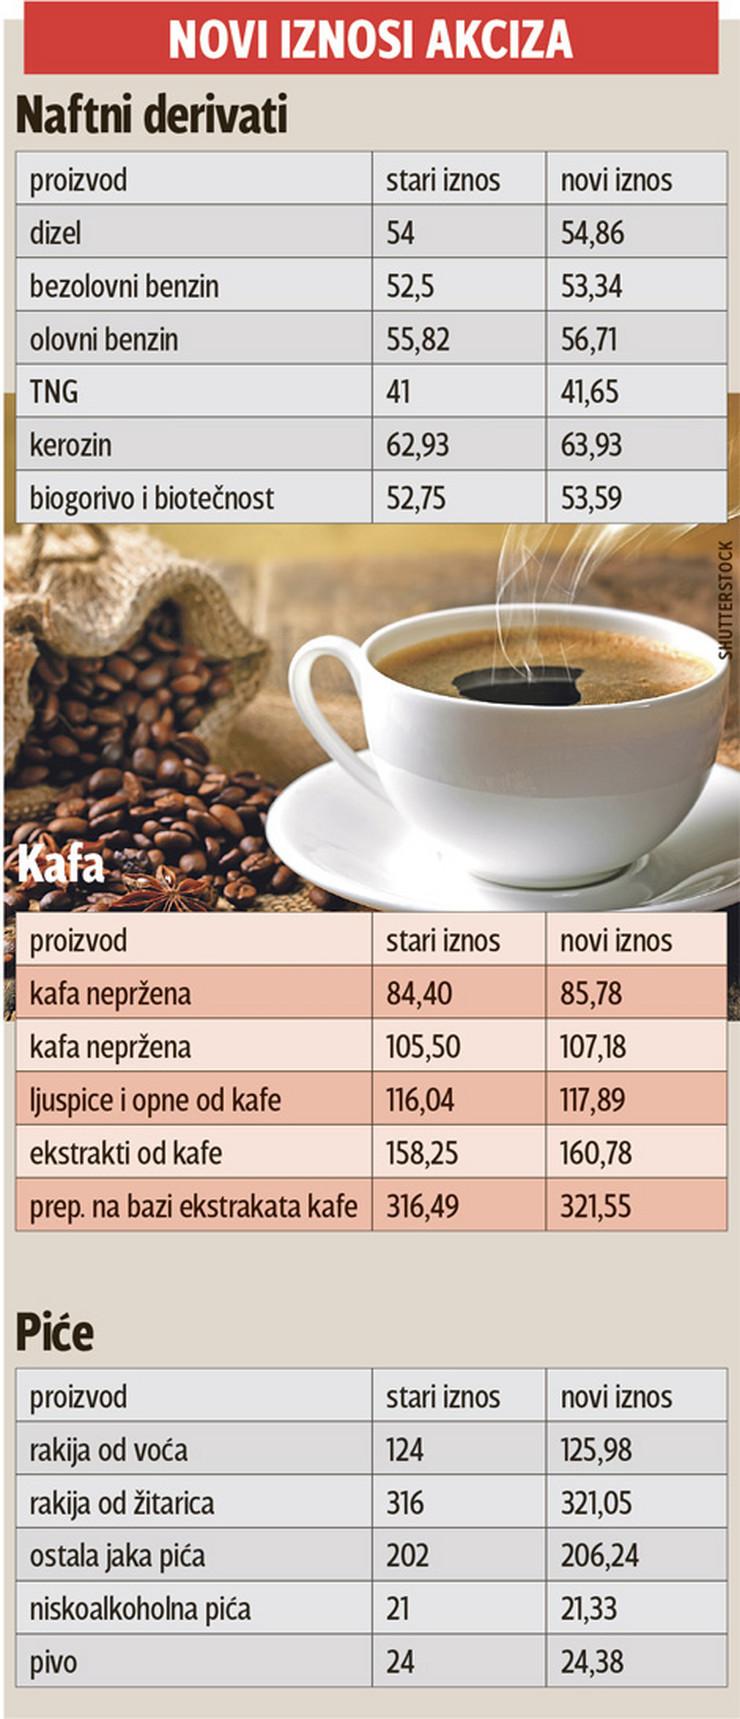 grafika poskupljenje naftni derivati pica kafe foto RAS